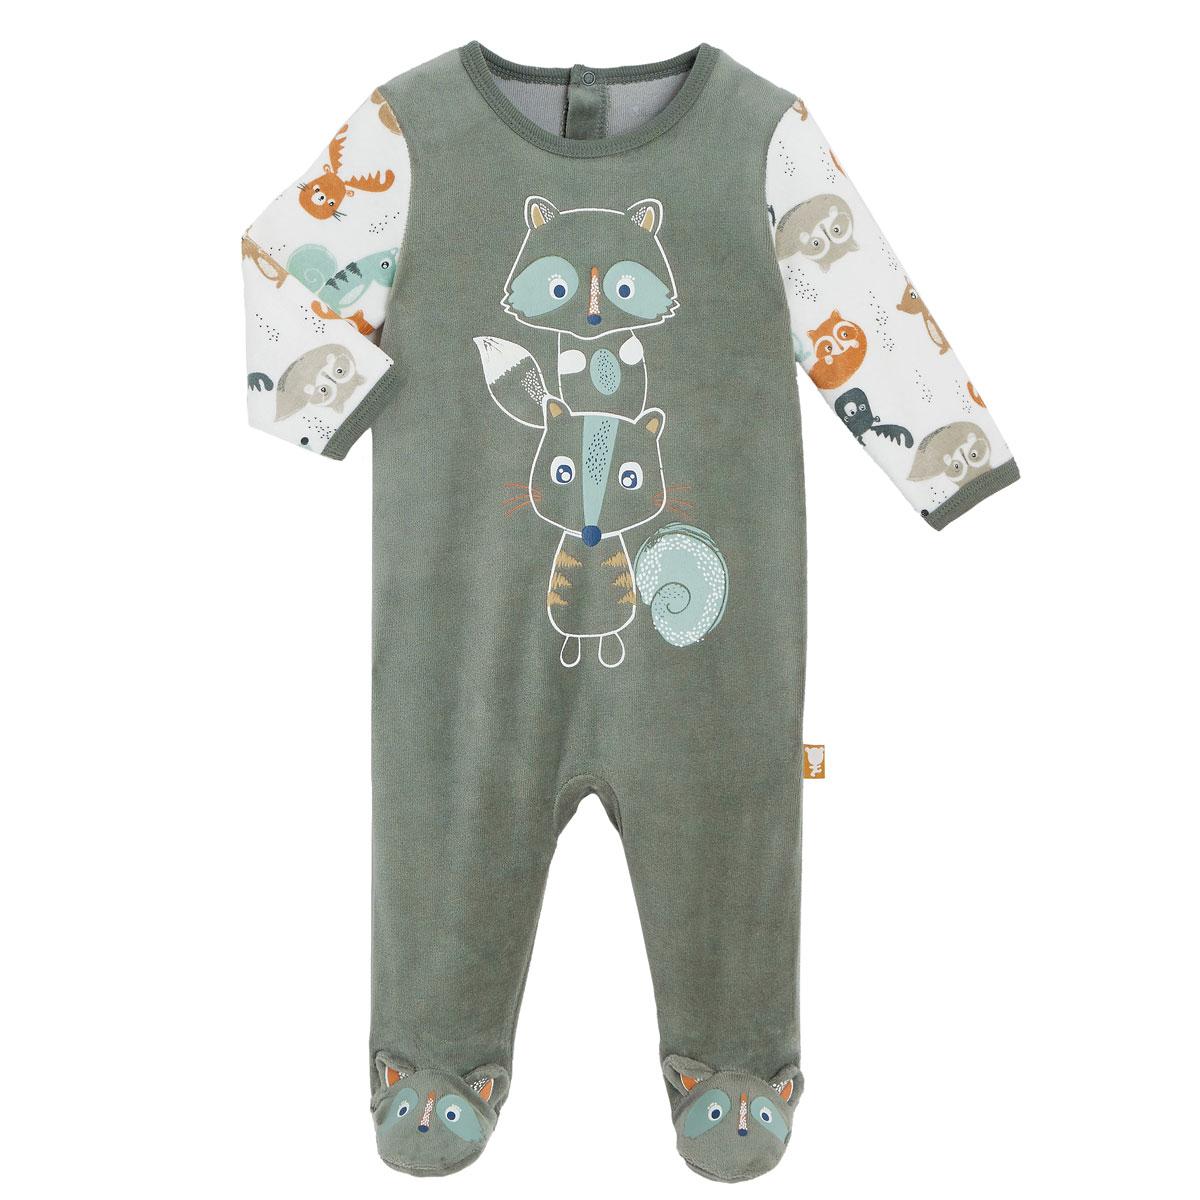 Pyjama bébé en velours contenant du coton bio Noisette